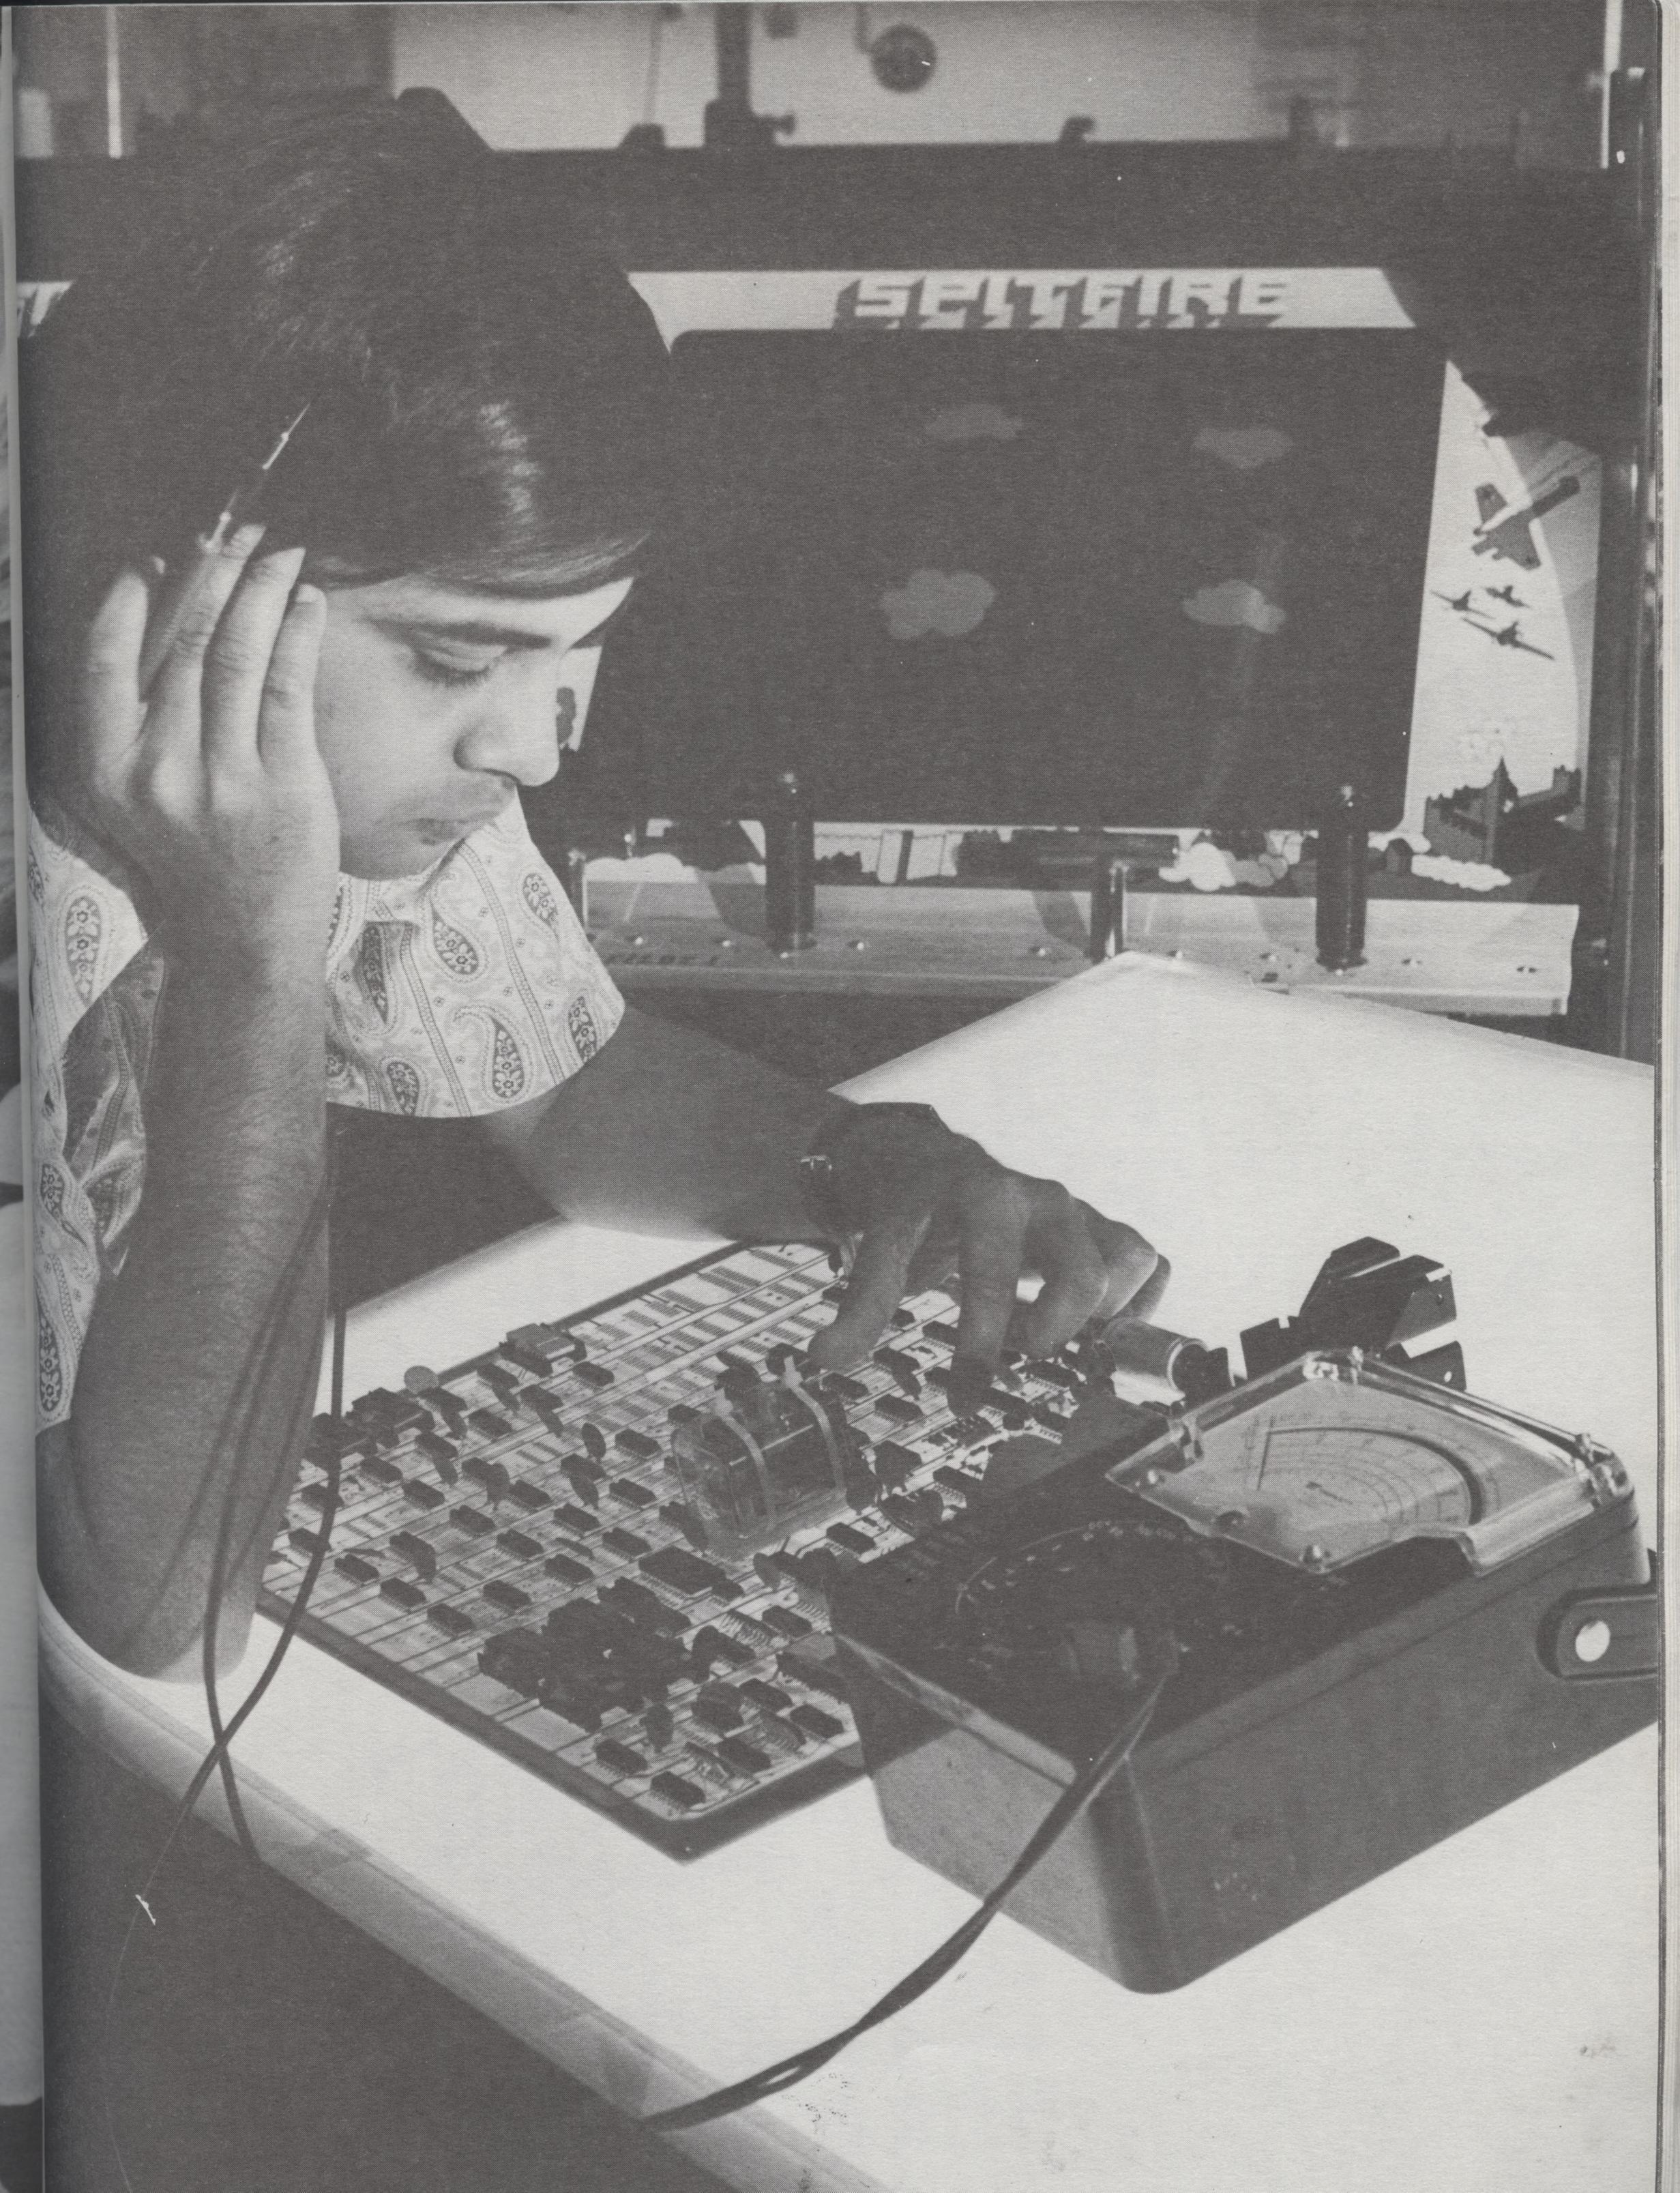 История первых микропроцессорных видеоигр - 29